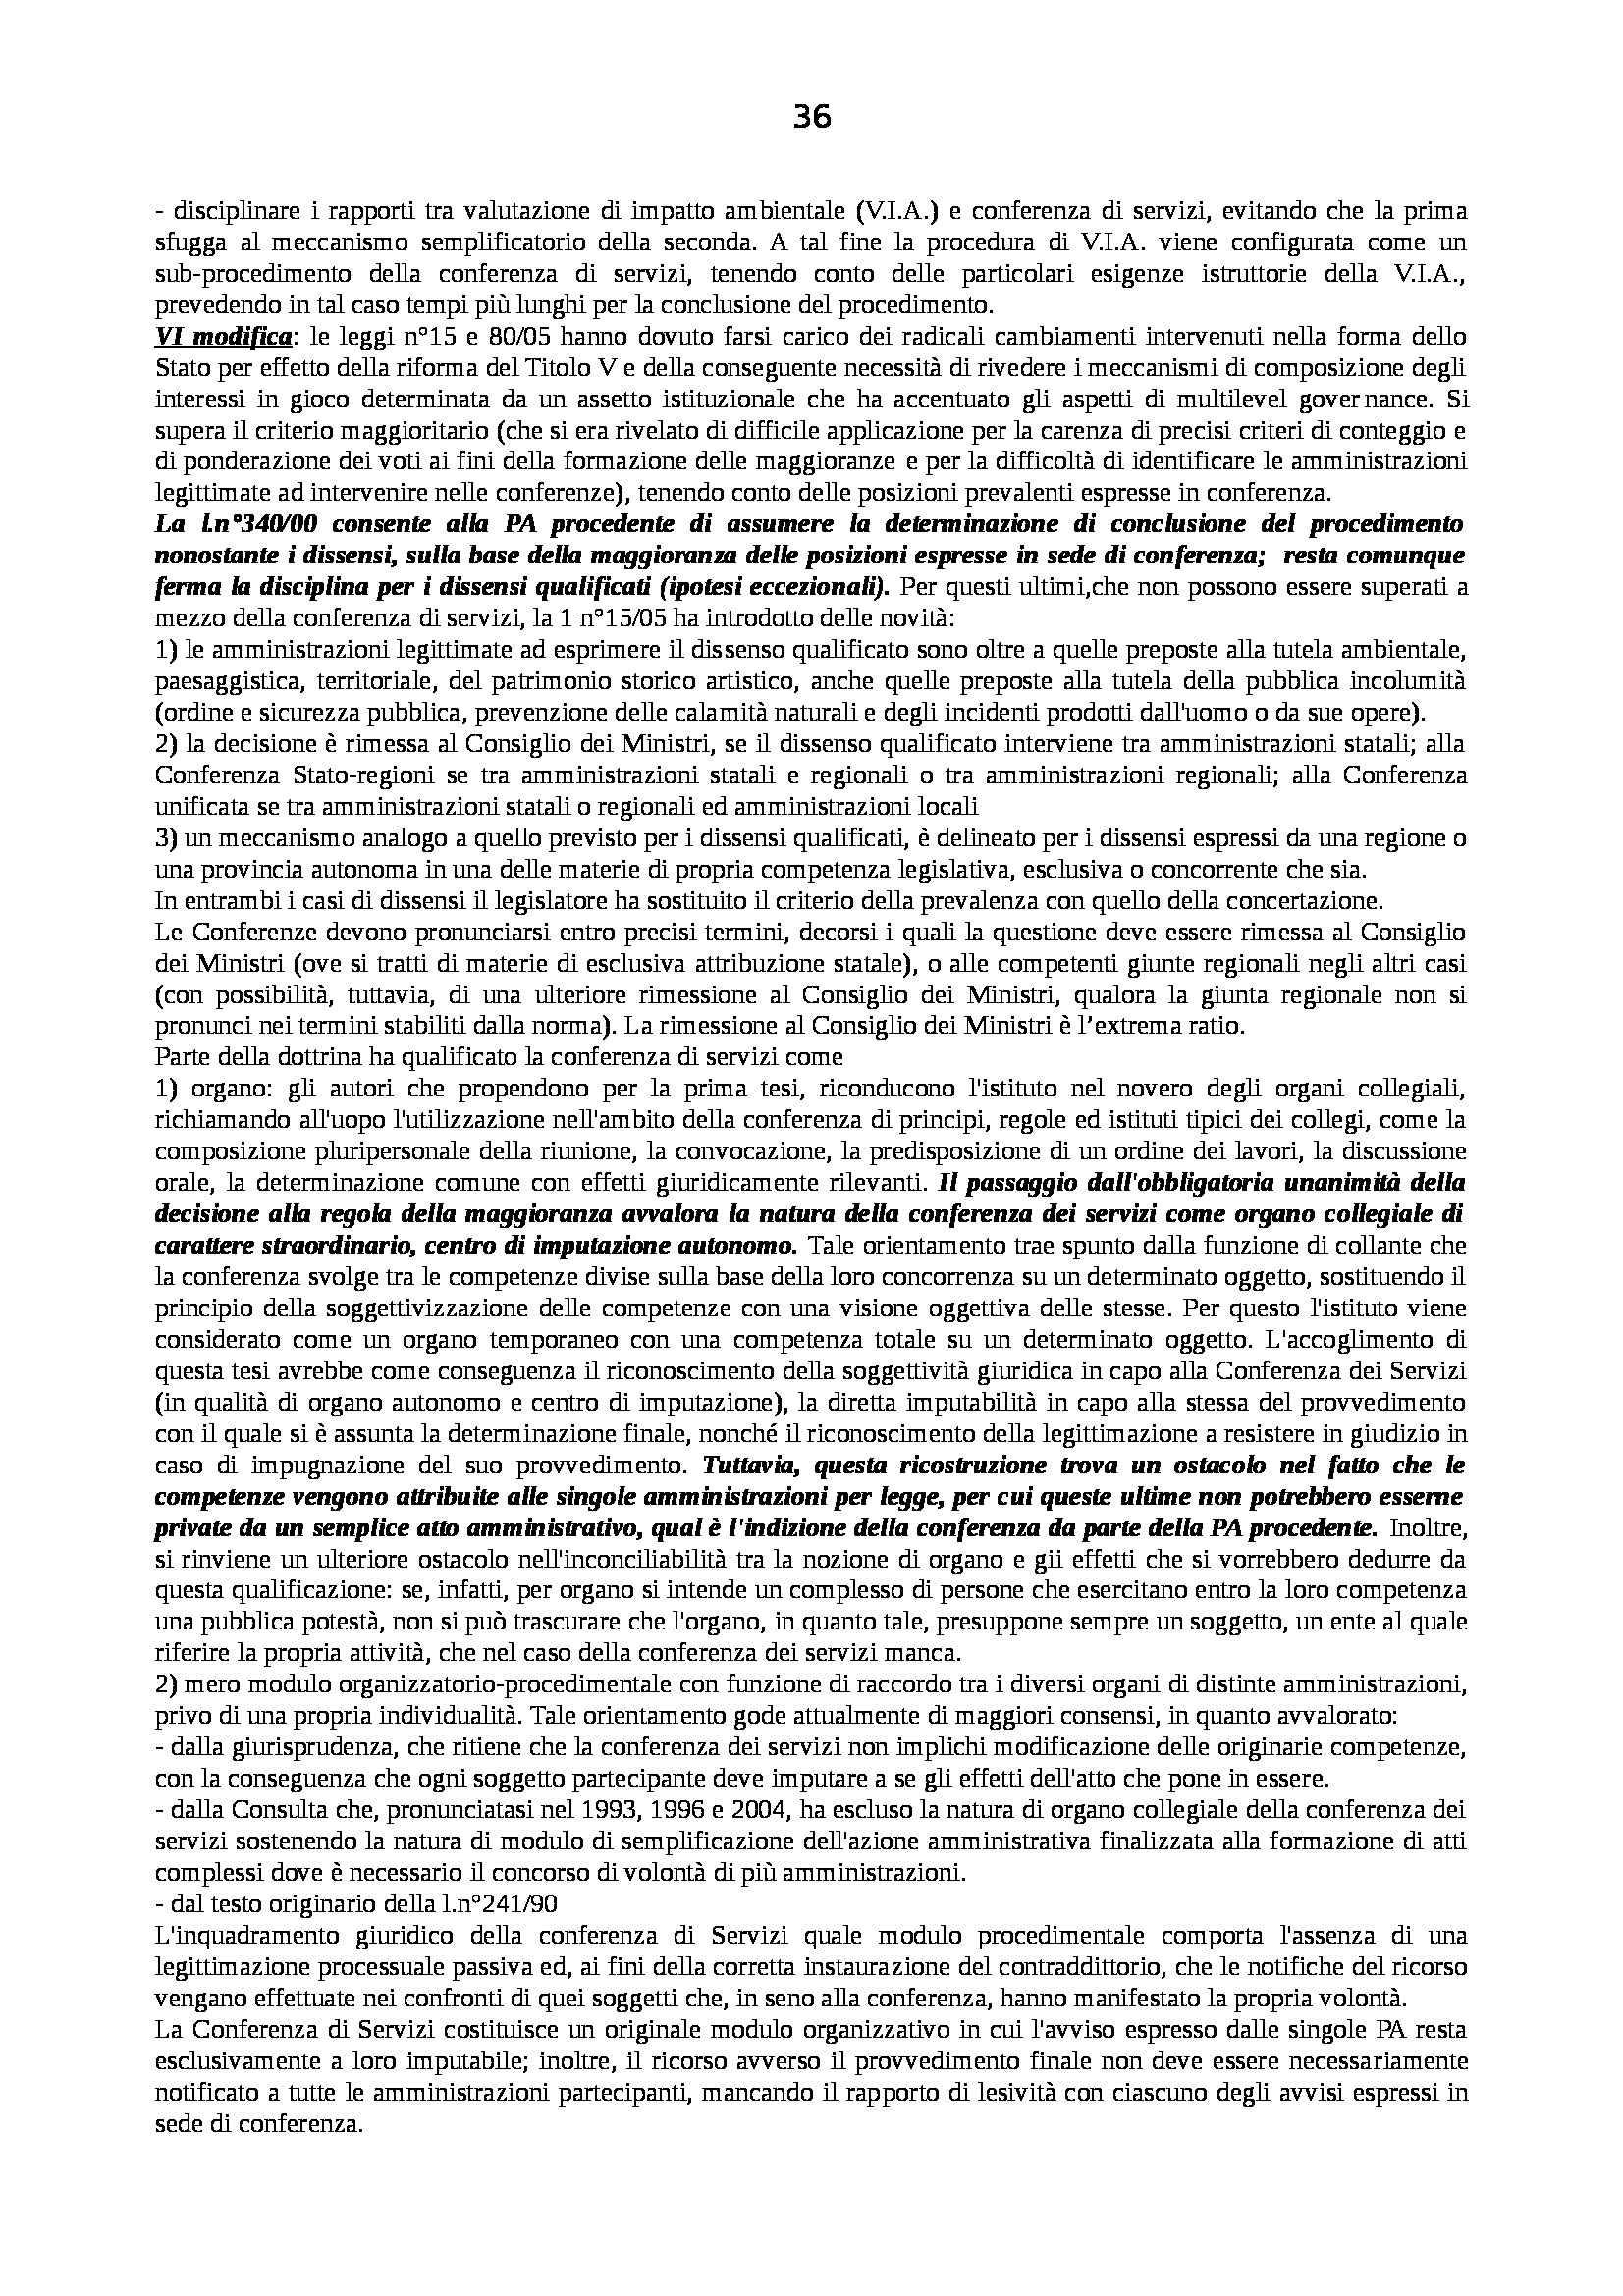 Riassunto esame Diritto Pubblico dell'Economia, prof. Capunzo, libro consigliato Argomenti di Diritto Pubblico dell'Economia di Capunzo Pag. 36